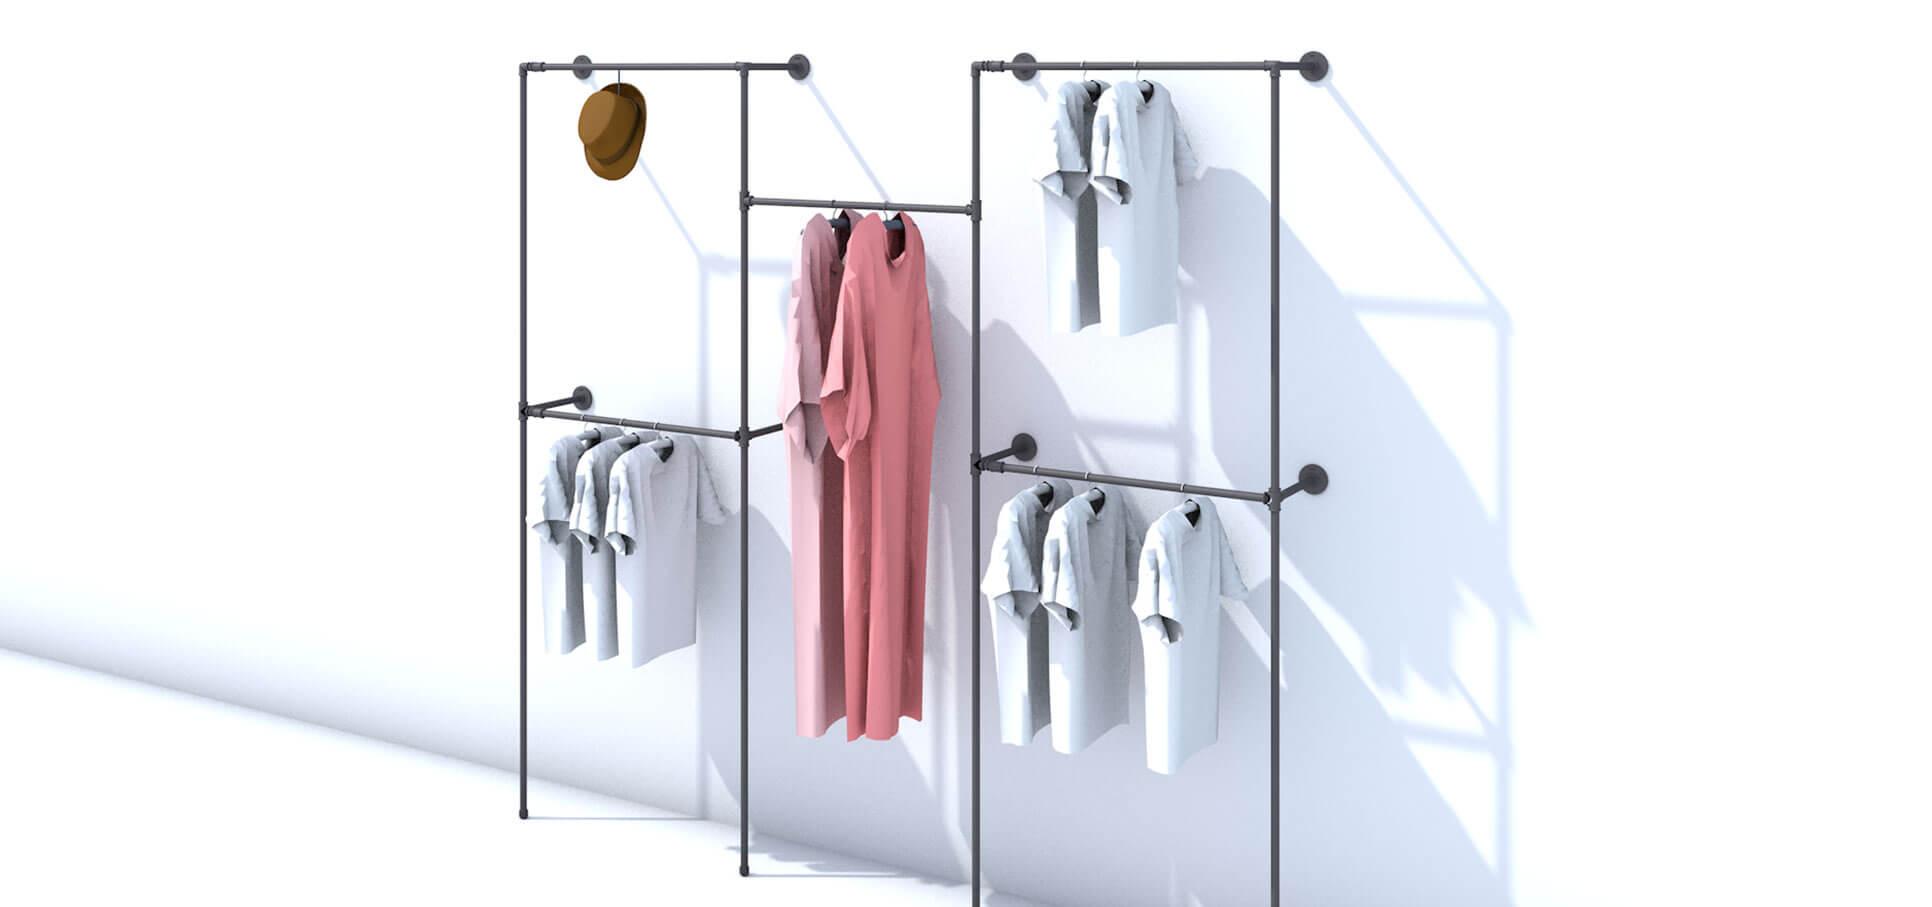 4-ladenbau-einrichtung-store-concept-konzept-interieur-design-rohrfabrik-moebel-kleiderstaender-kleider-zimmer-rohr-gestell-regal.jpg